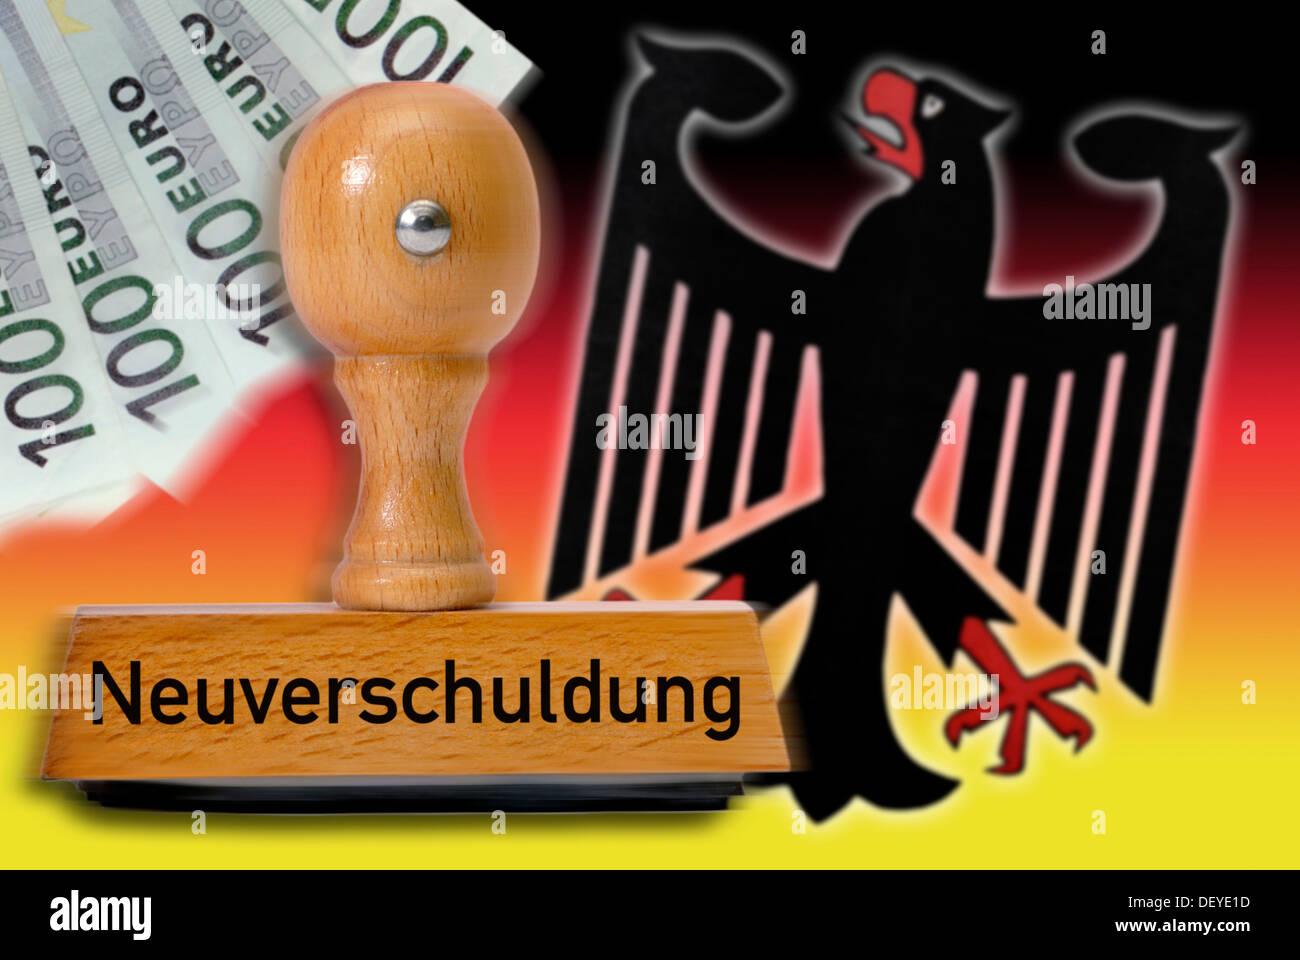 Timbro con la parola 'Neuverschuldung', nuovo indebitamento, aquila tedesca e i colori nazionali Immagini Stock